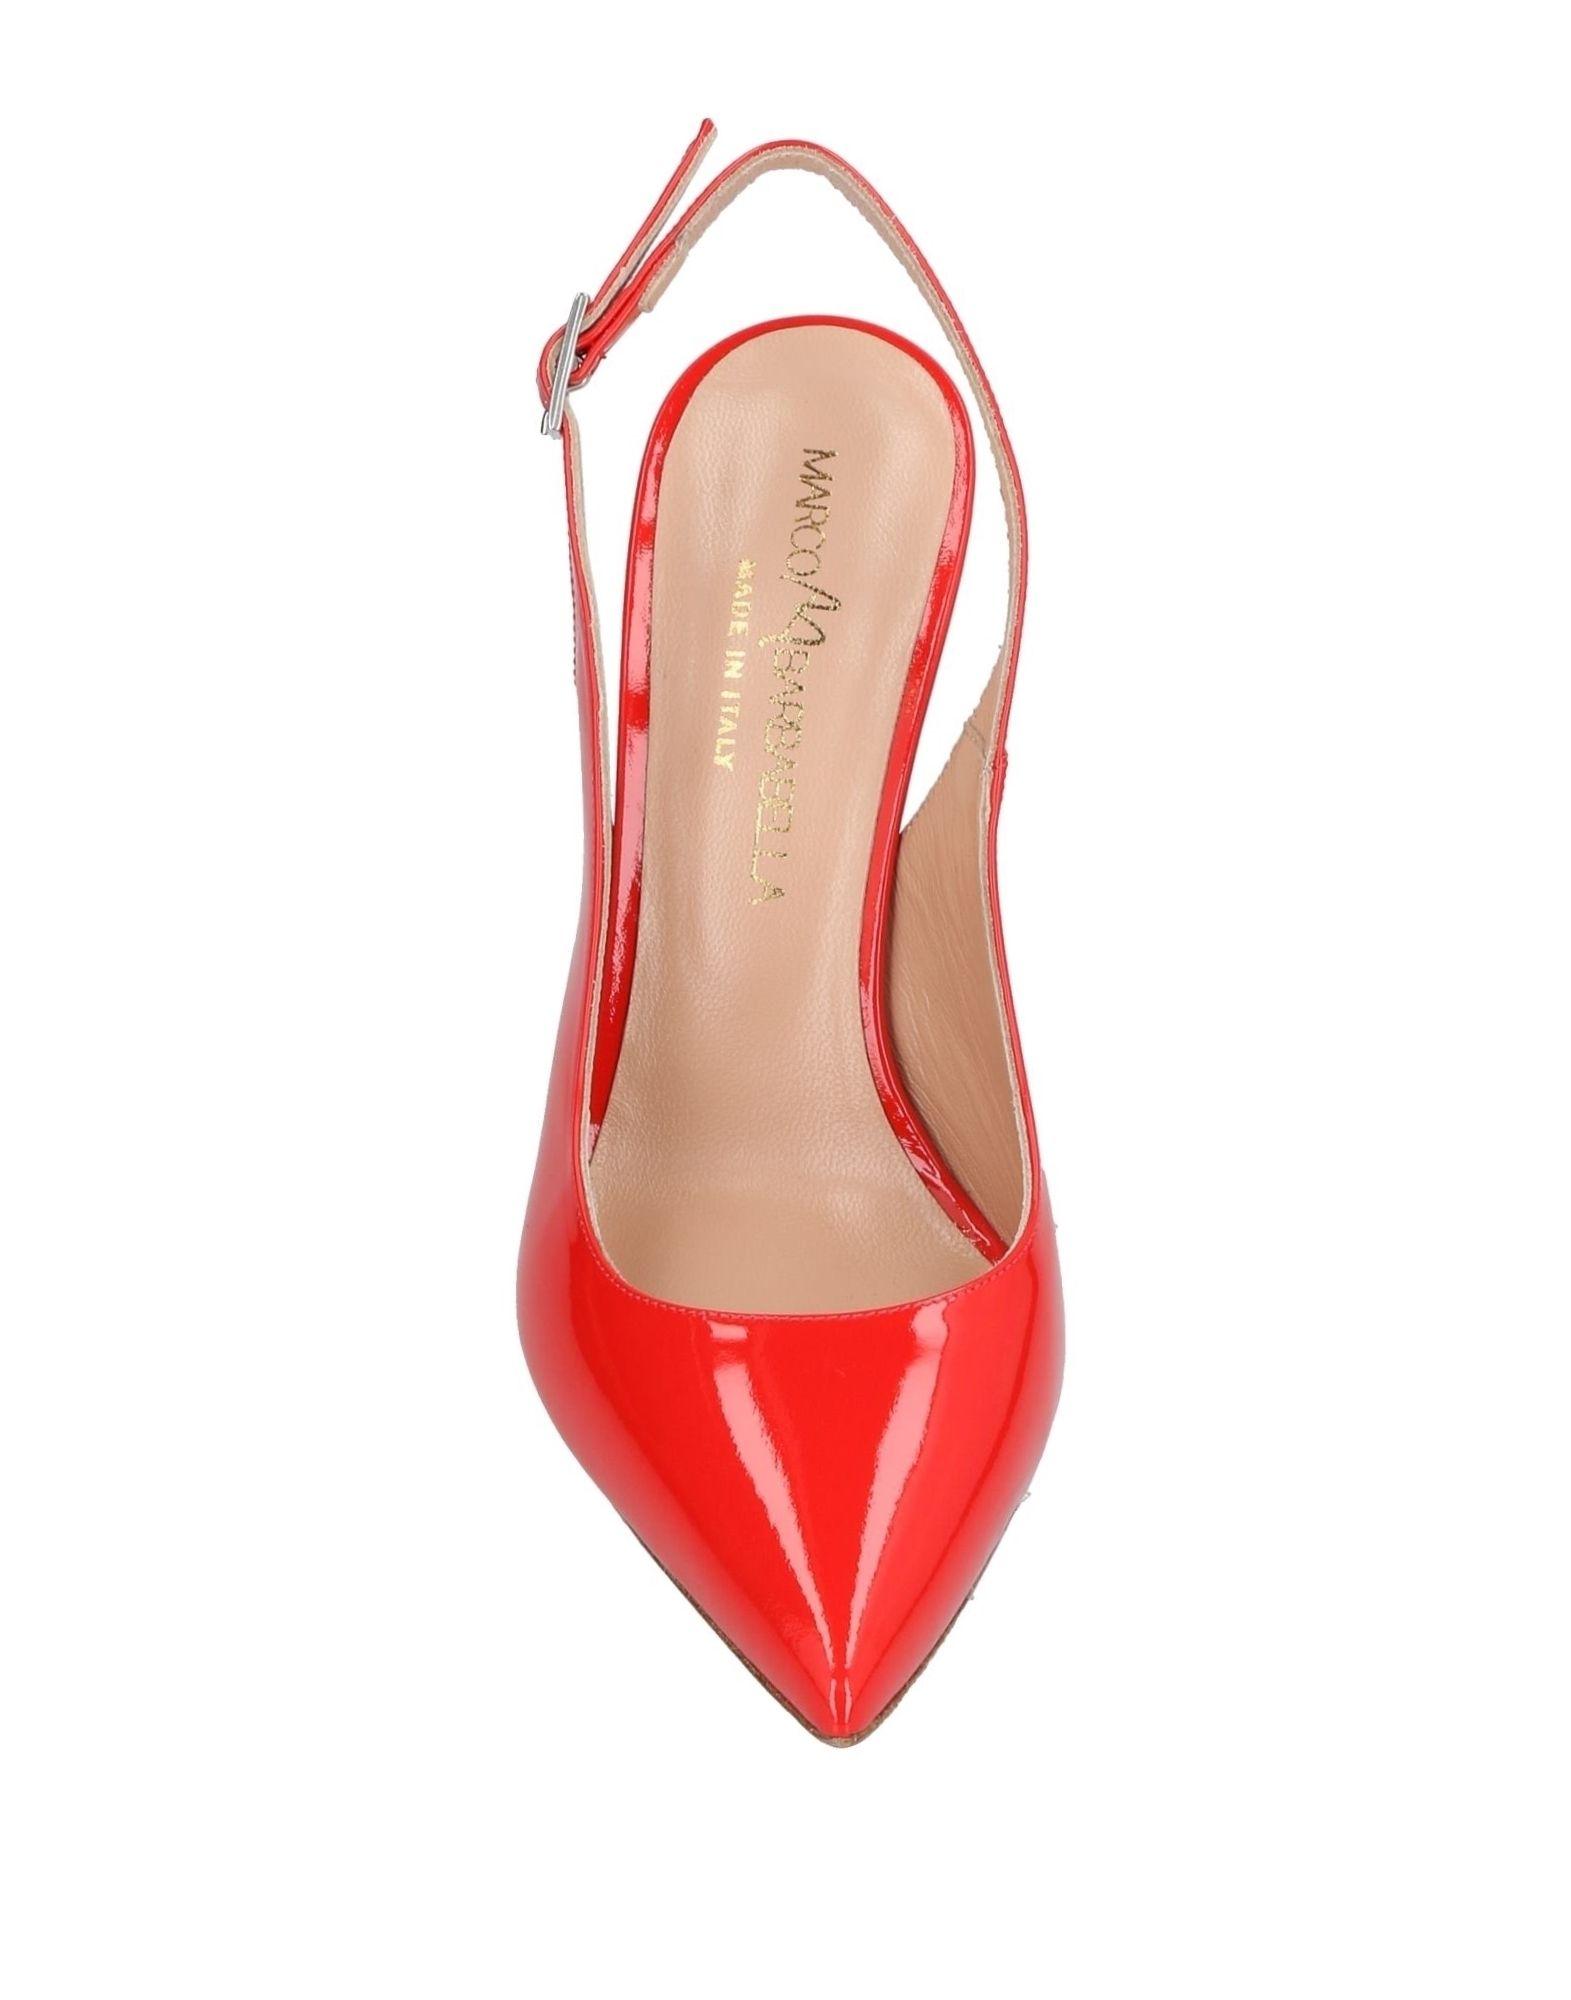 Rabatt Schuhe Marco Barbabella Pumps Pumps Pumps Damen  11157043TM 79d181